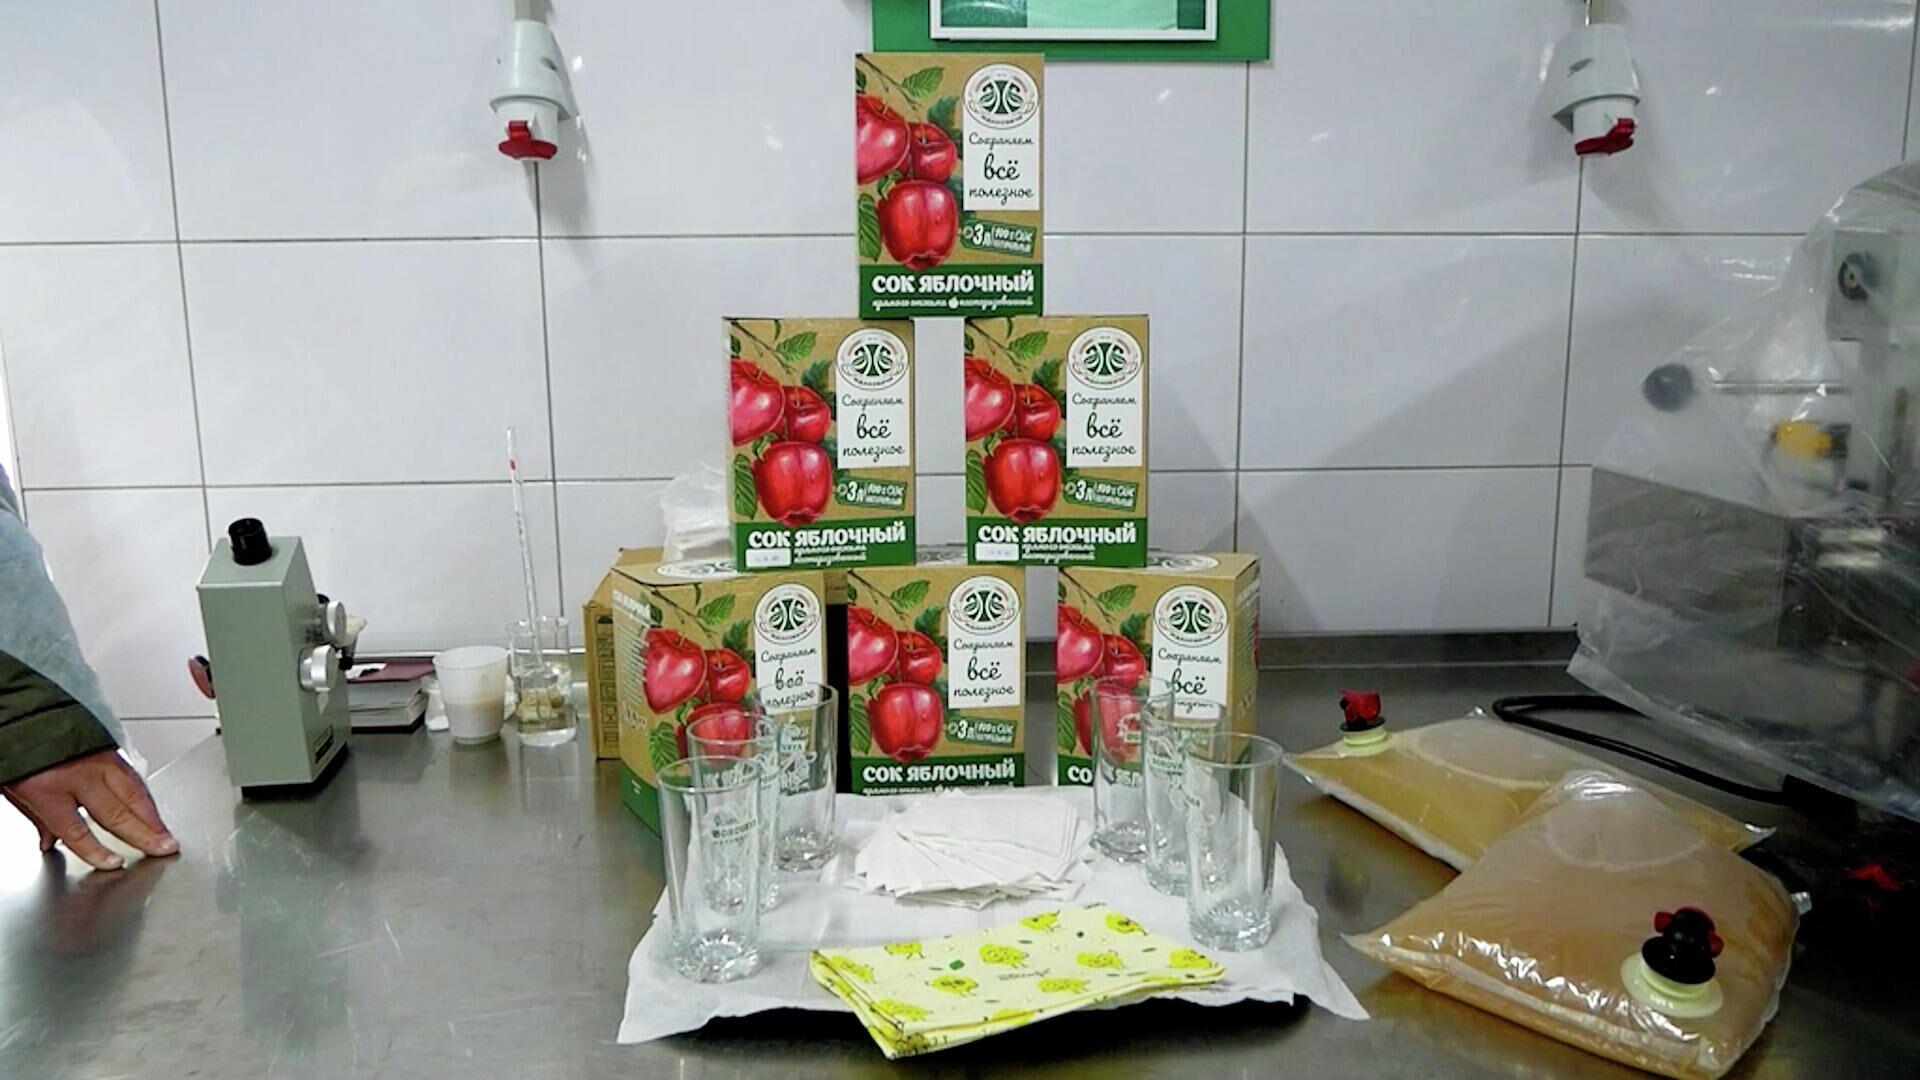 В сок не добавляют ни воду, ни сахар - Sputnik Беларусь, 1920, 08.09.2021